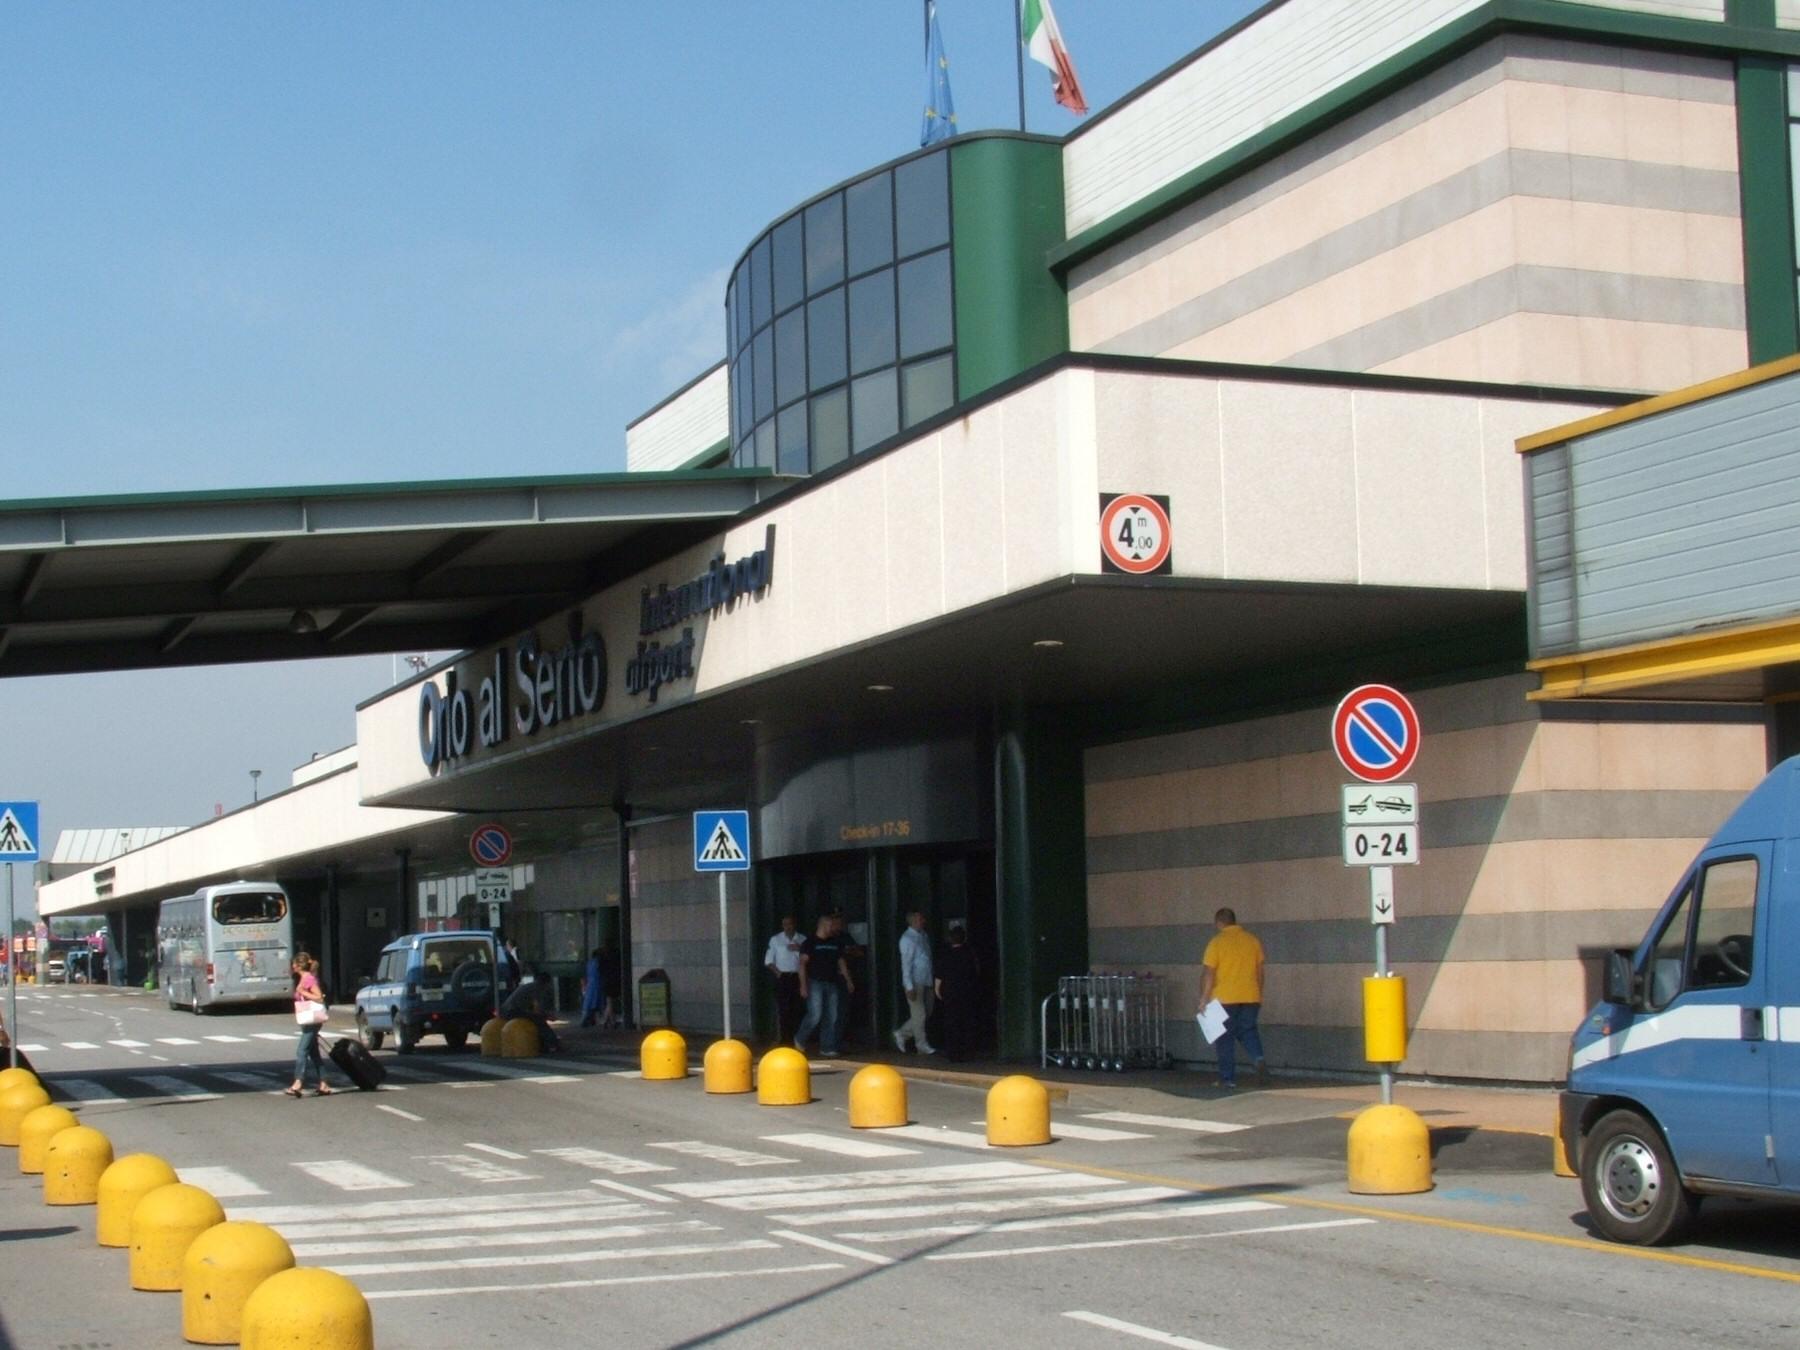 Milán y Londres tienen los taxis más caros